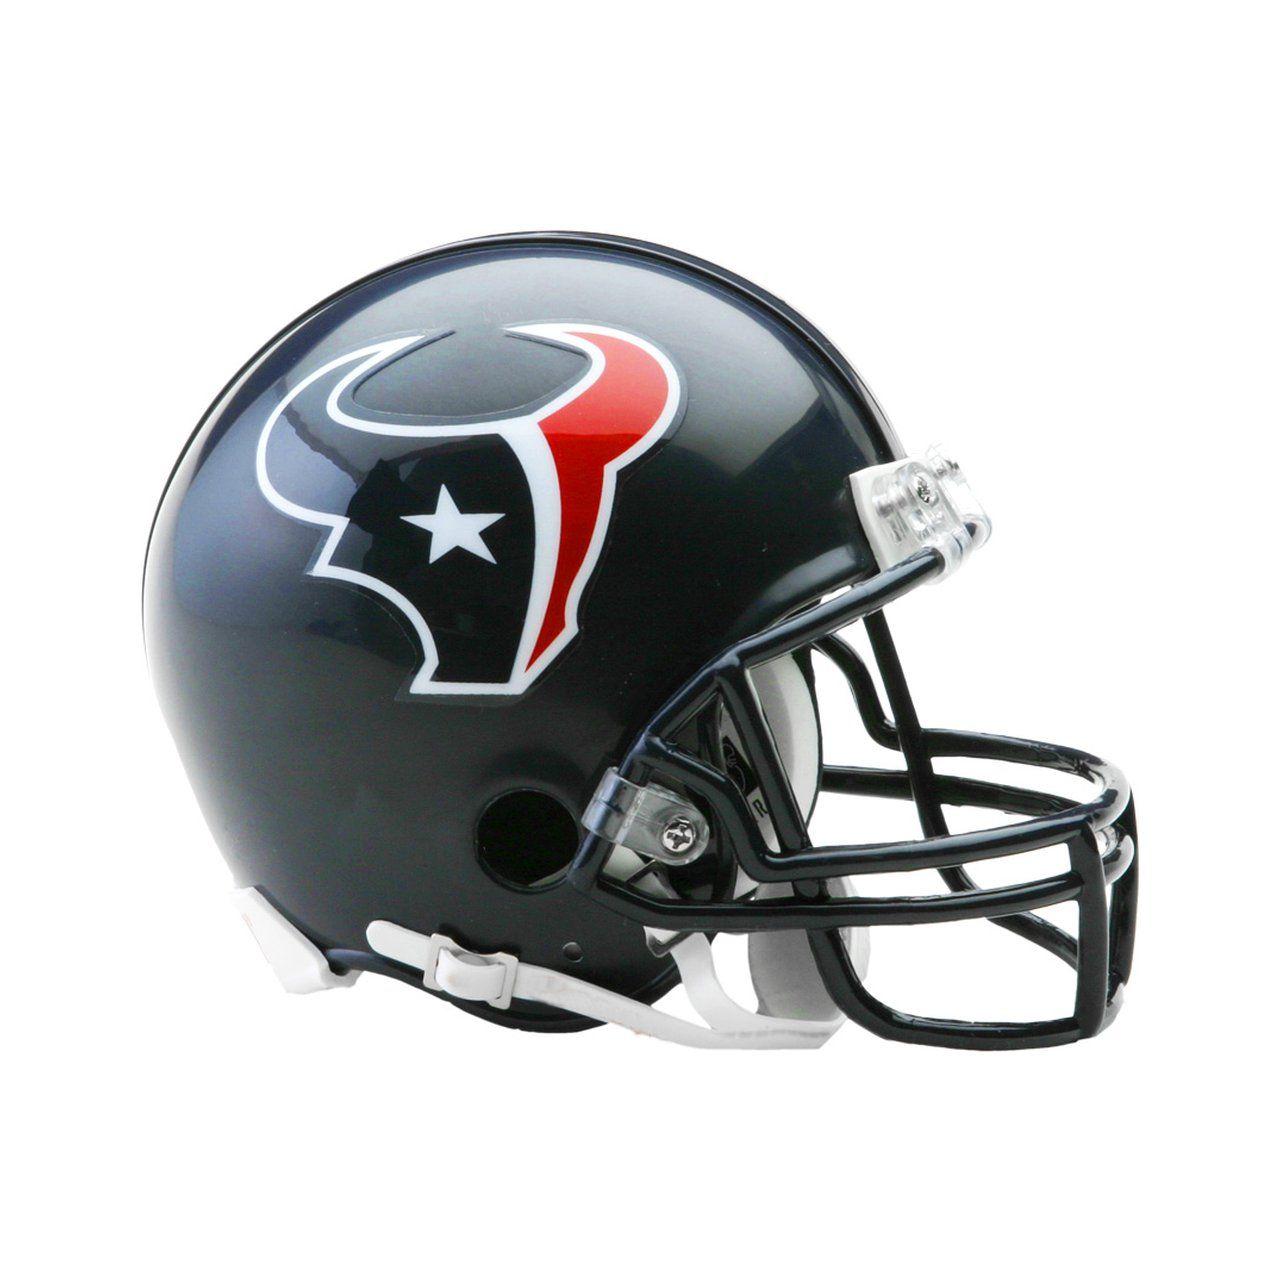 amfoo - Riddell VSR4 Mini Football Helm - NFL Houston Texans